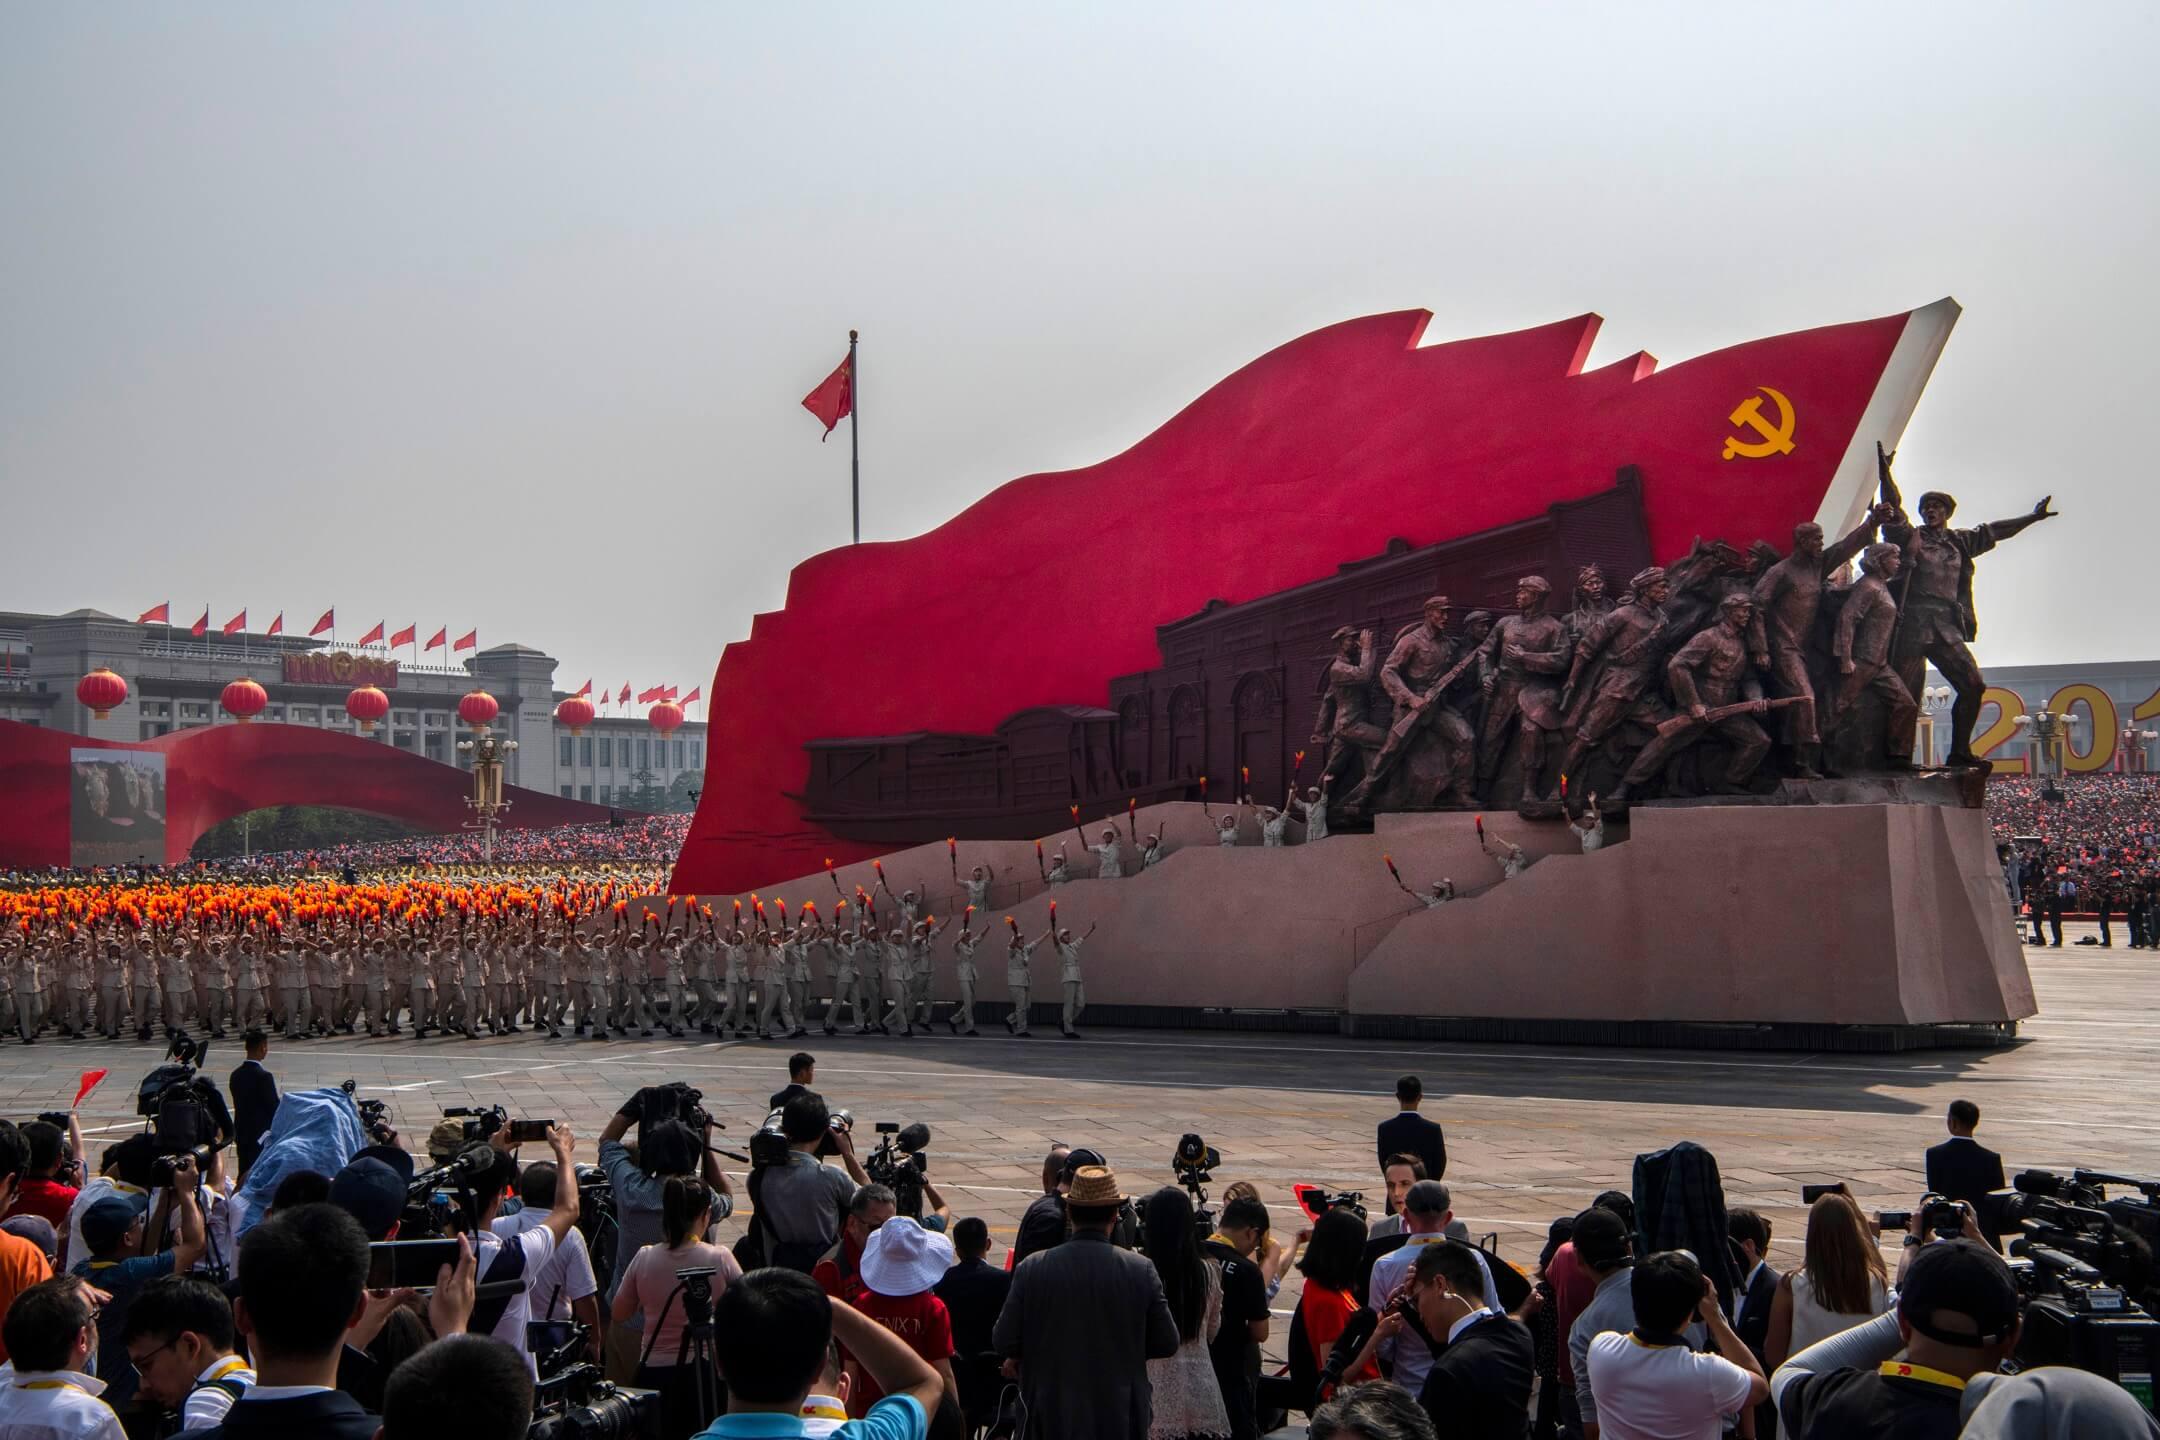 2019年10月1日,中華人民共和國成立70週年,首都北京的天安門廣場舉行閱兵。 攝:Kevin Frayer/Getty Images